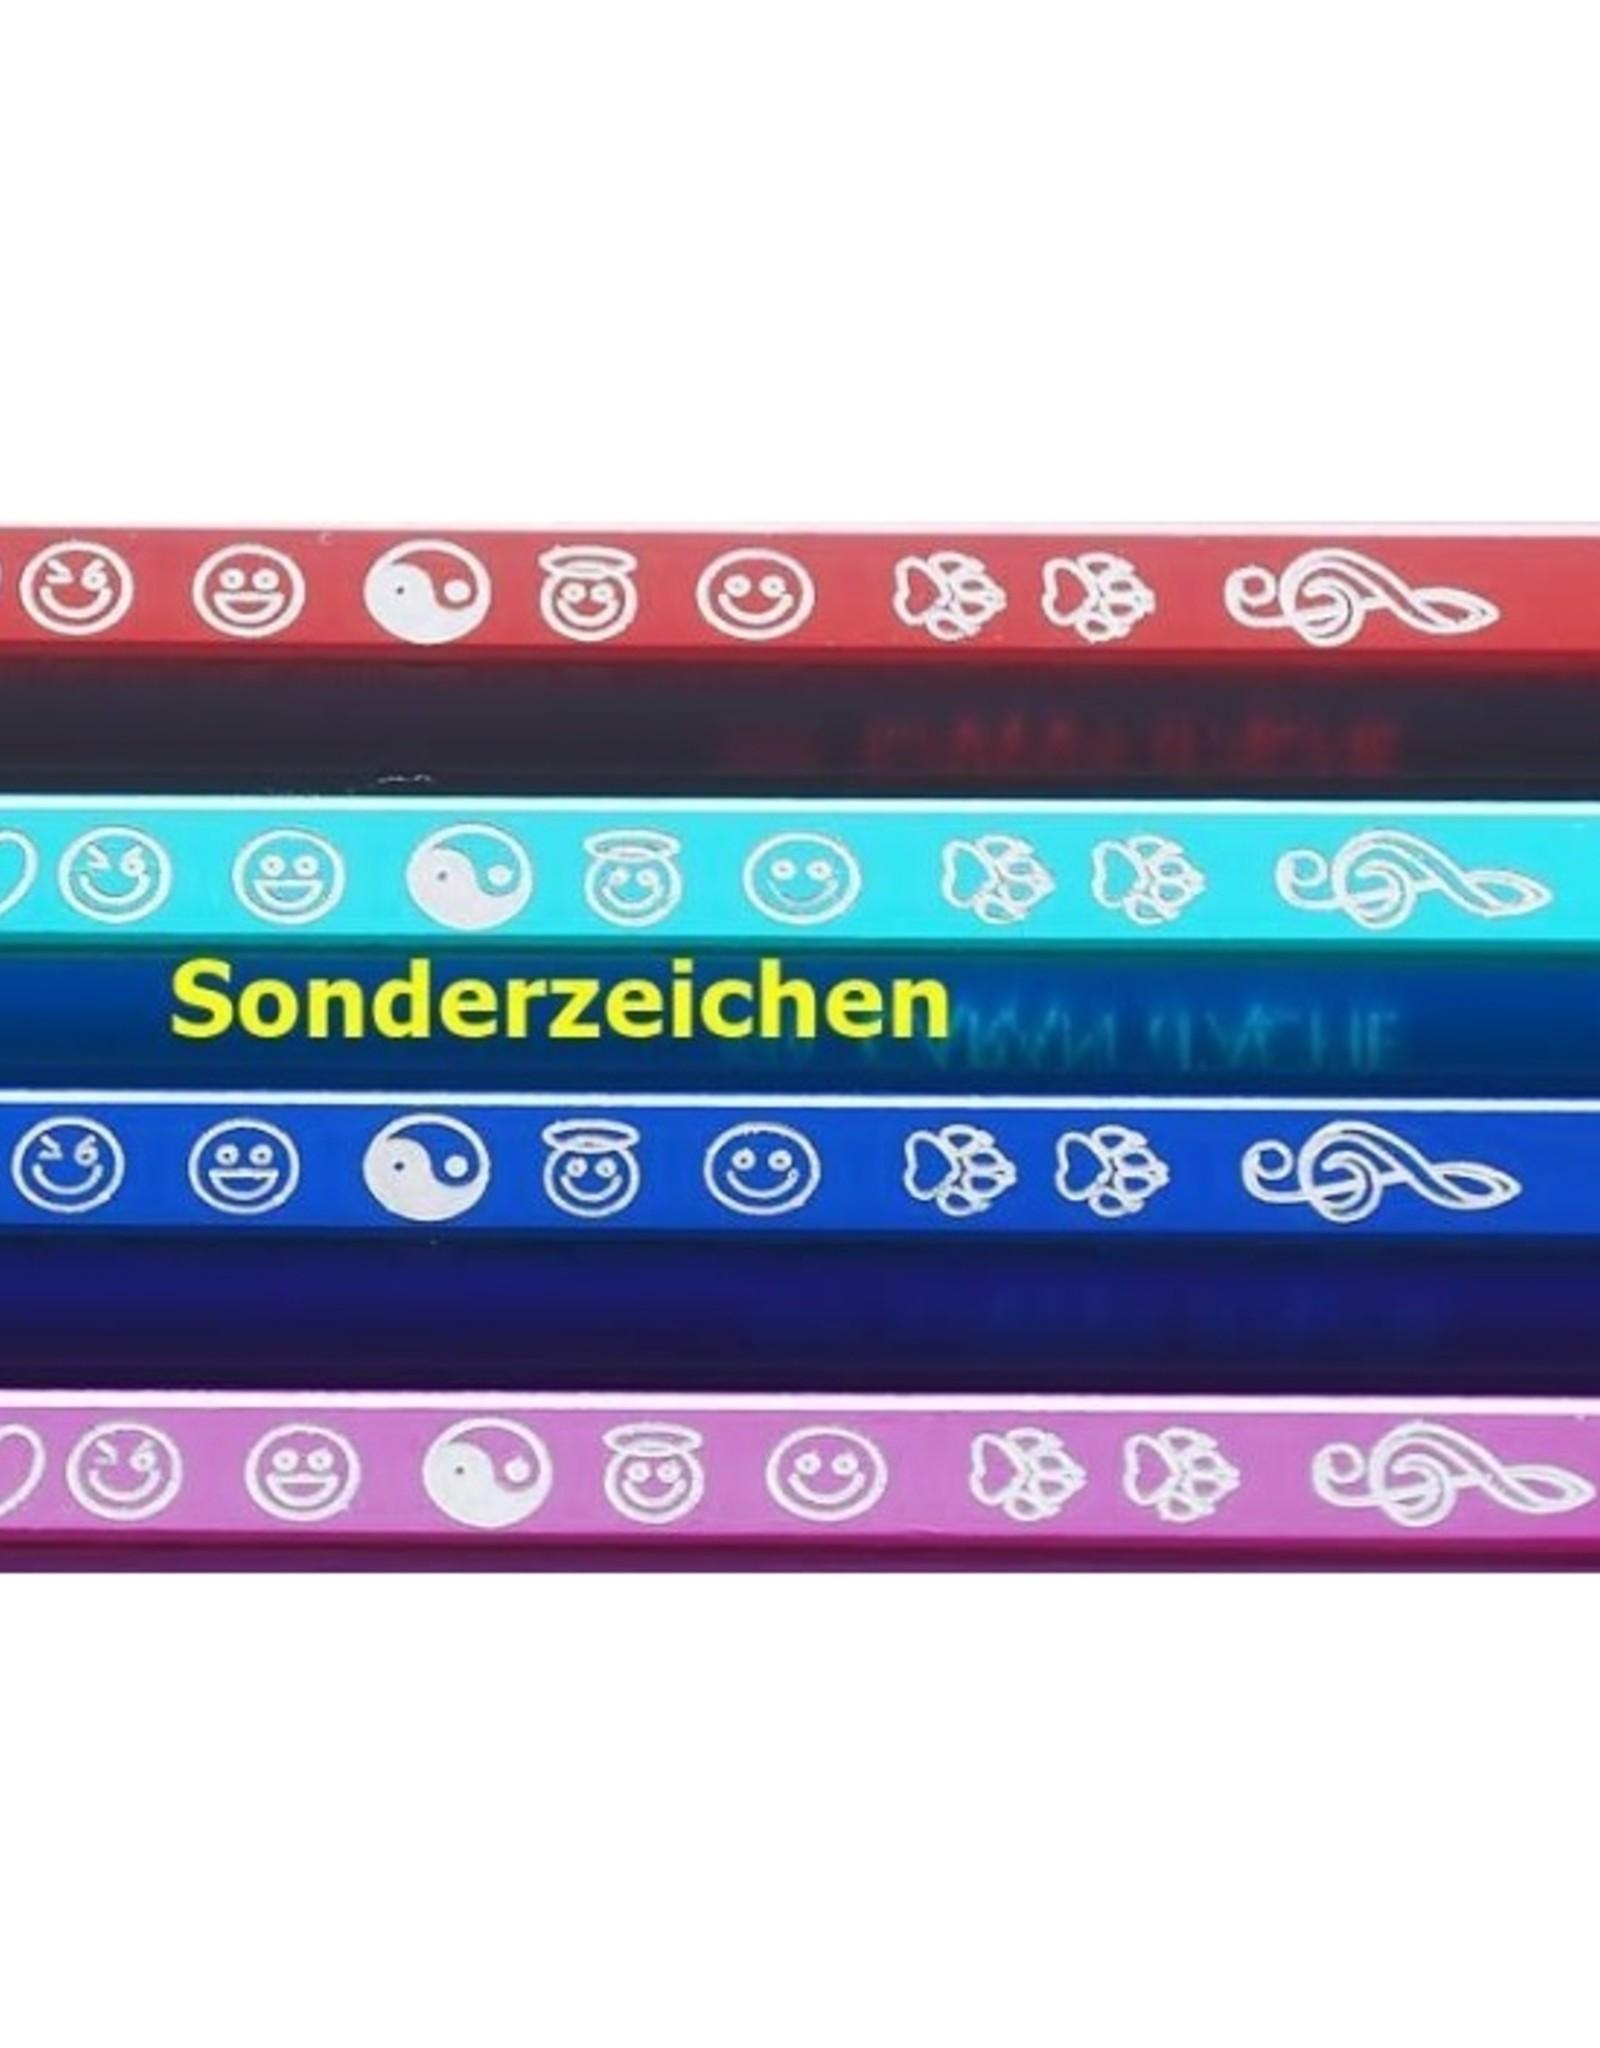 849 CLASSIC LINE weiss Kugelschreiber oder Minenhalter inkl. Gravur und Karton-Geschenkverpackung